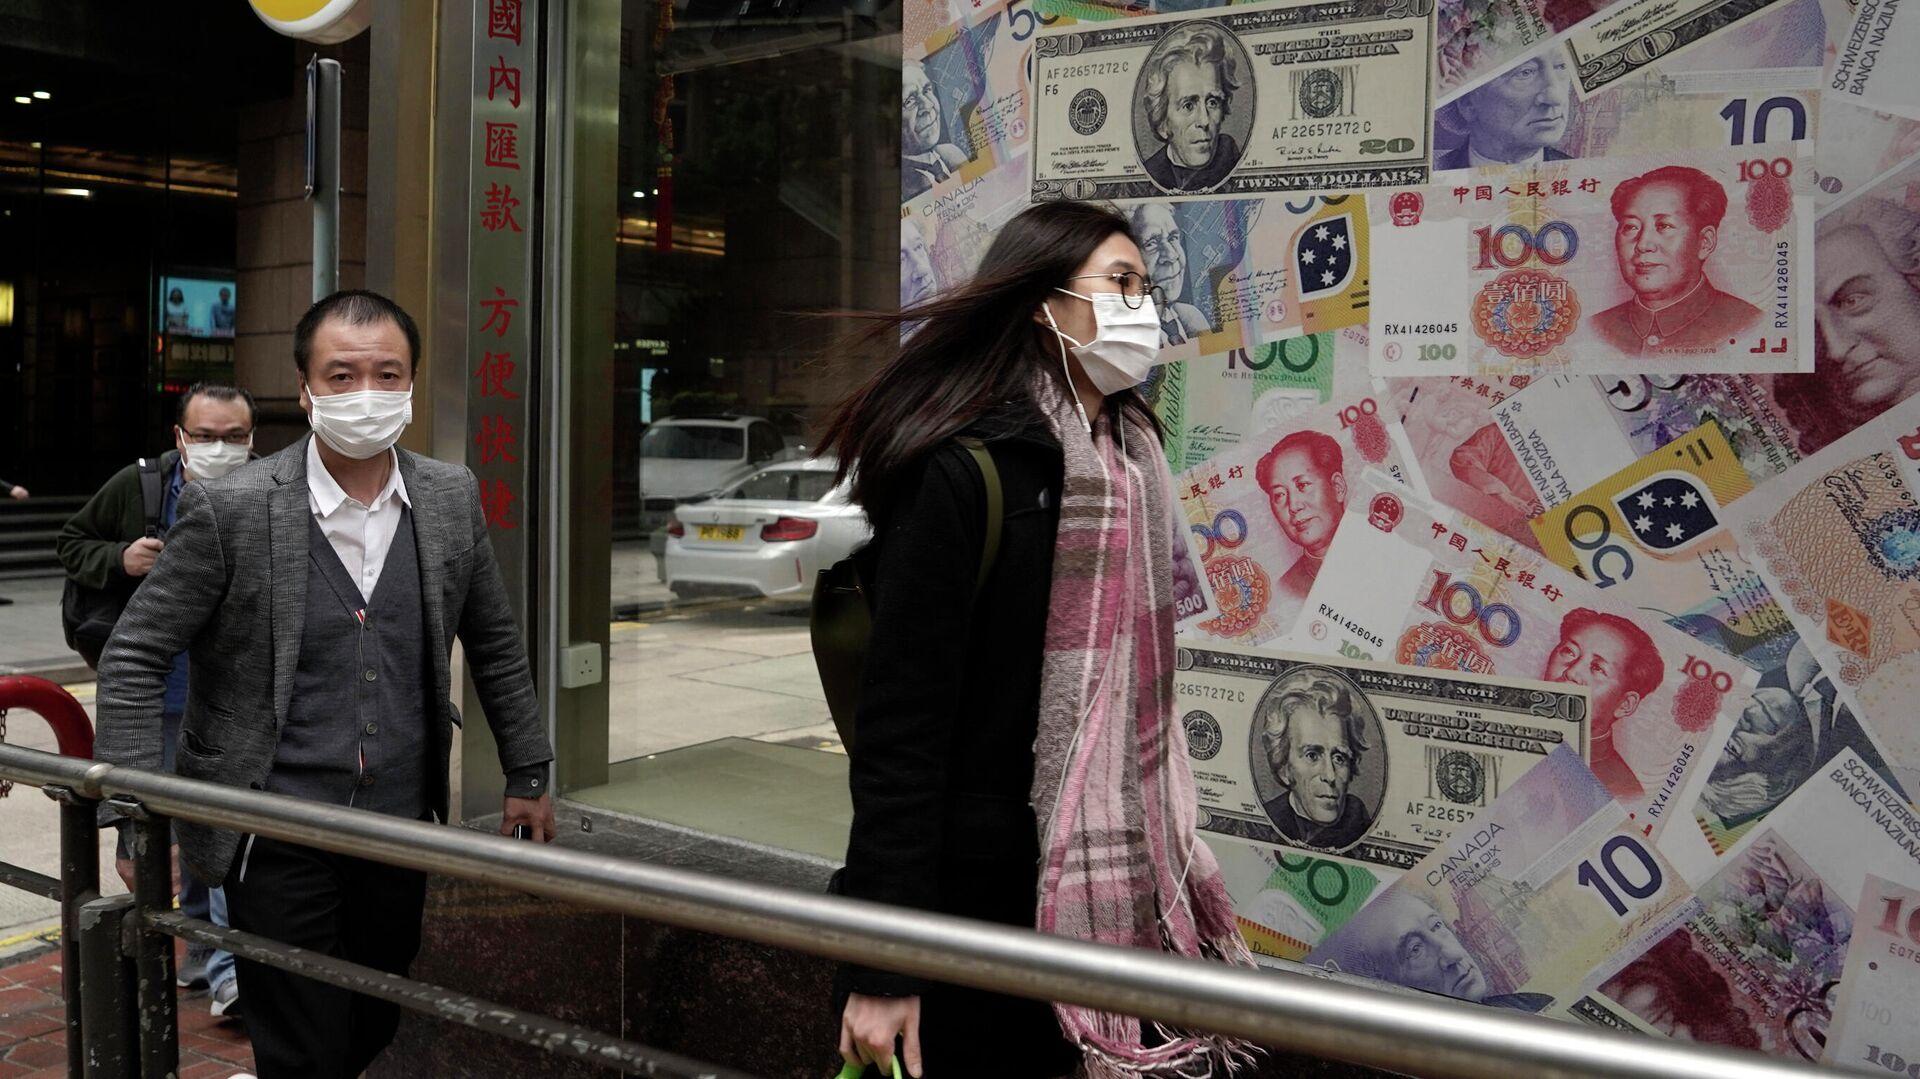 Люди в защитных масках проходят мимо пункта обмена валют в Гонконге - РИА Новости, 1920, 10.10.2020